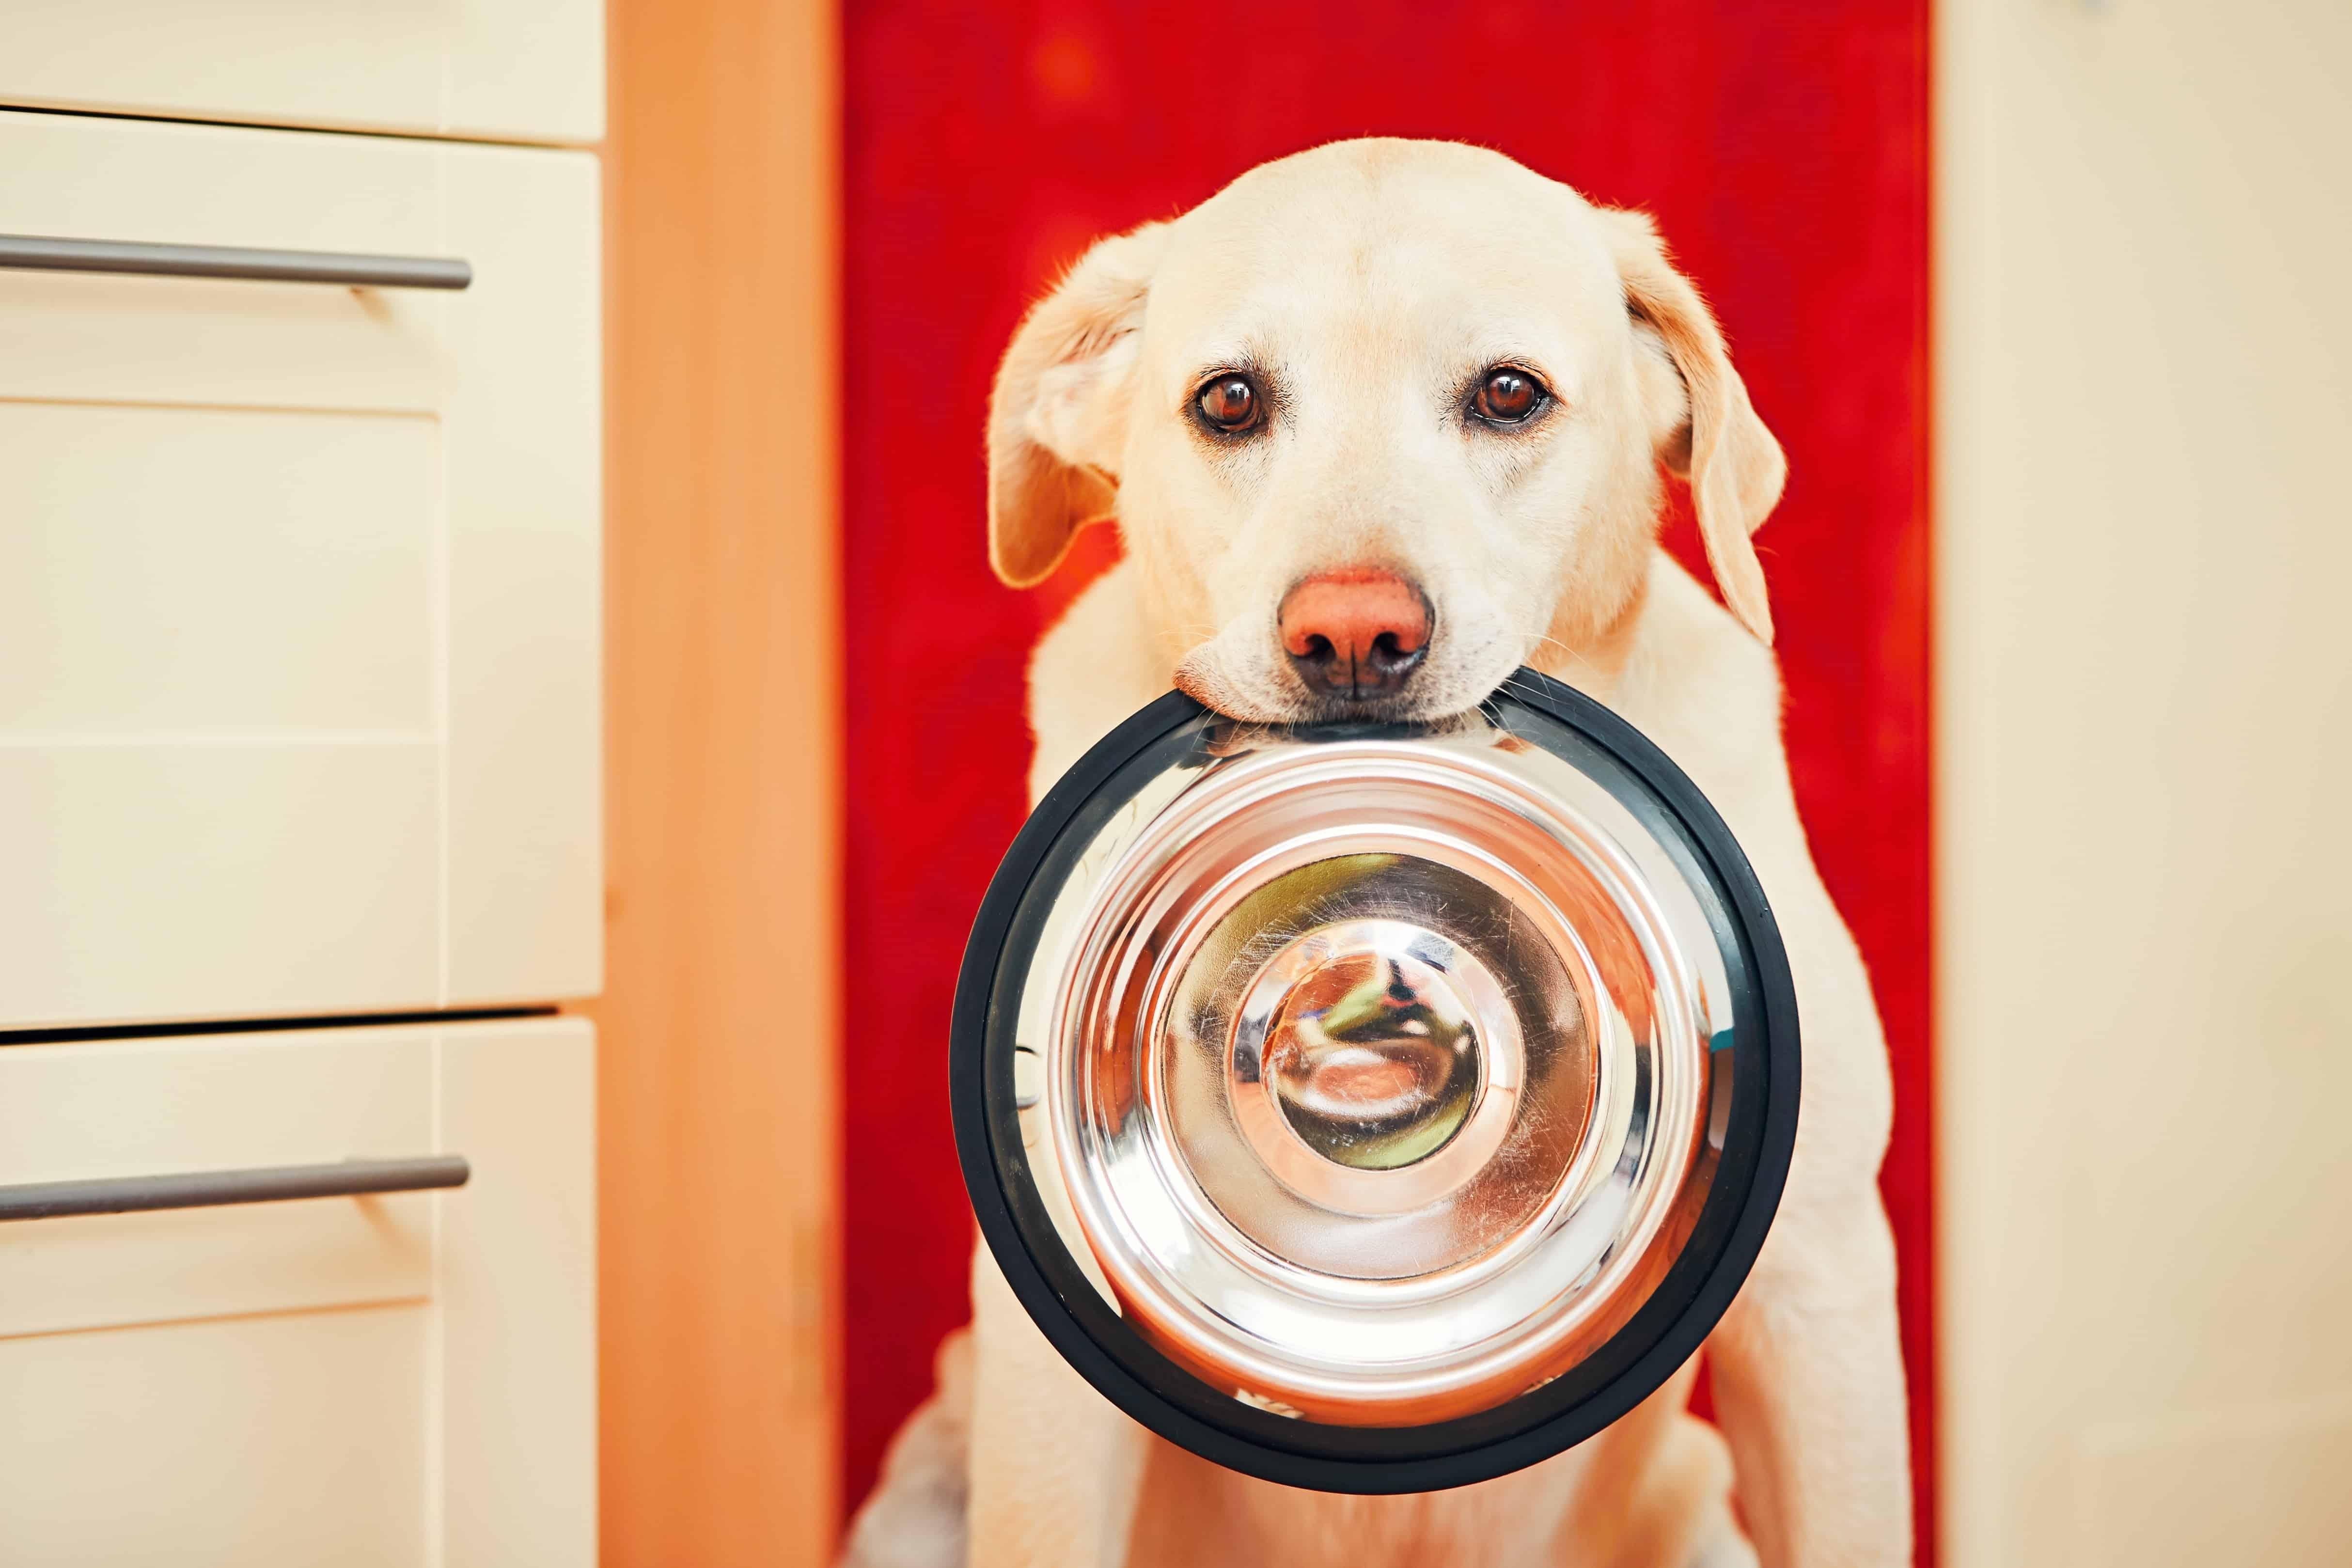 Miglior cibo ipoallergenico per cani 2020: Guida all'acquisto